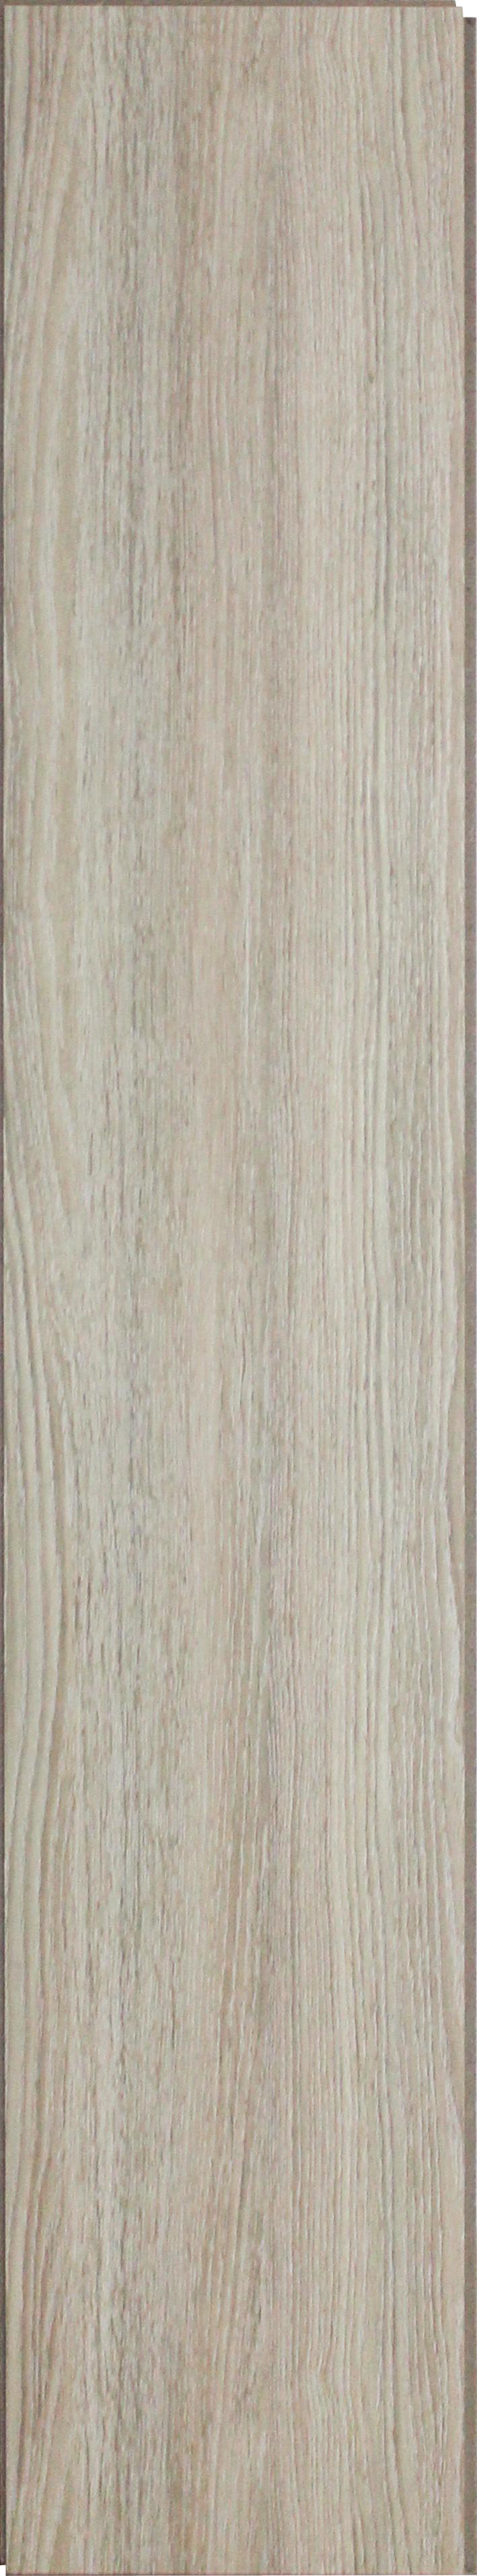 7618-White Wash Oak